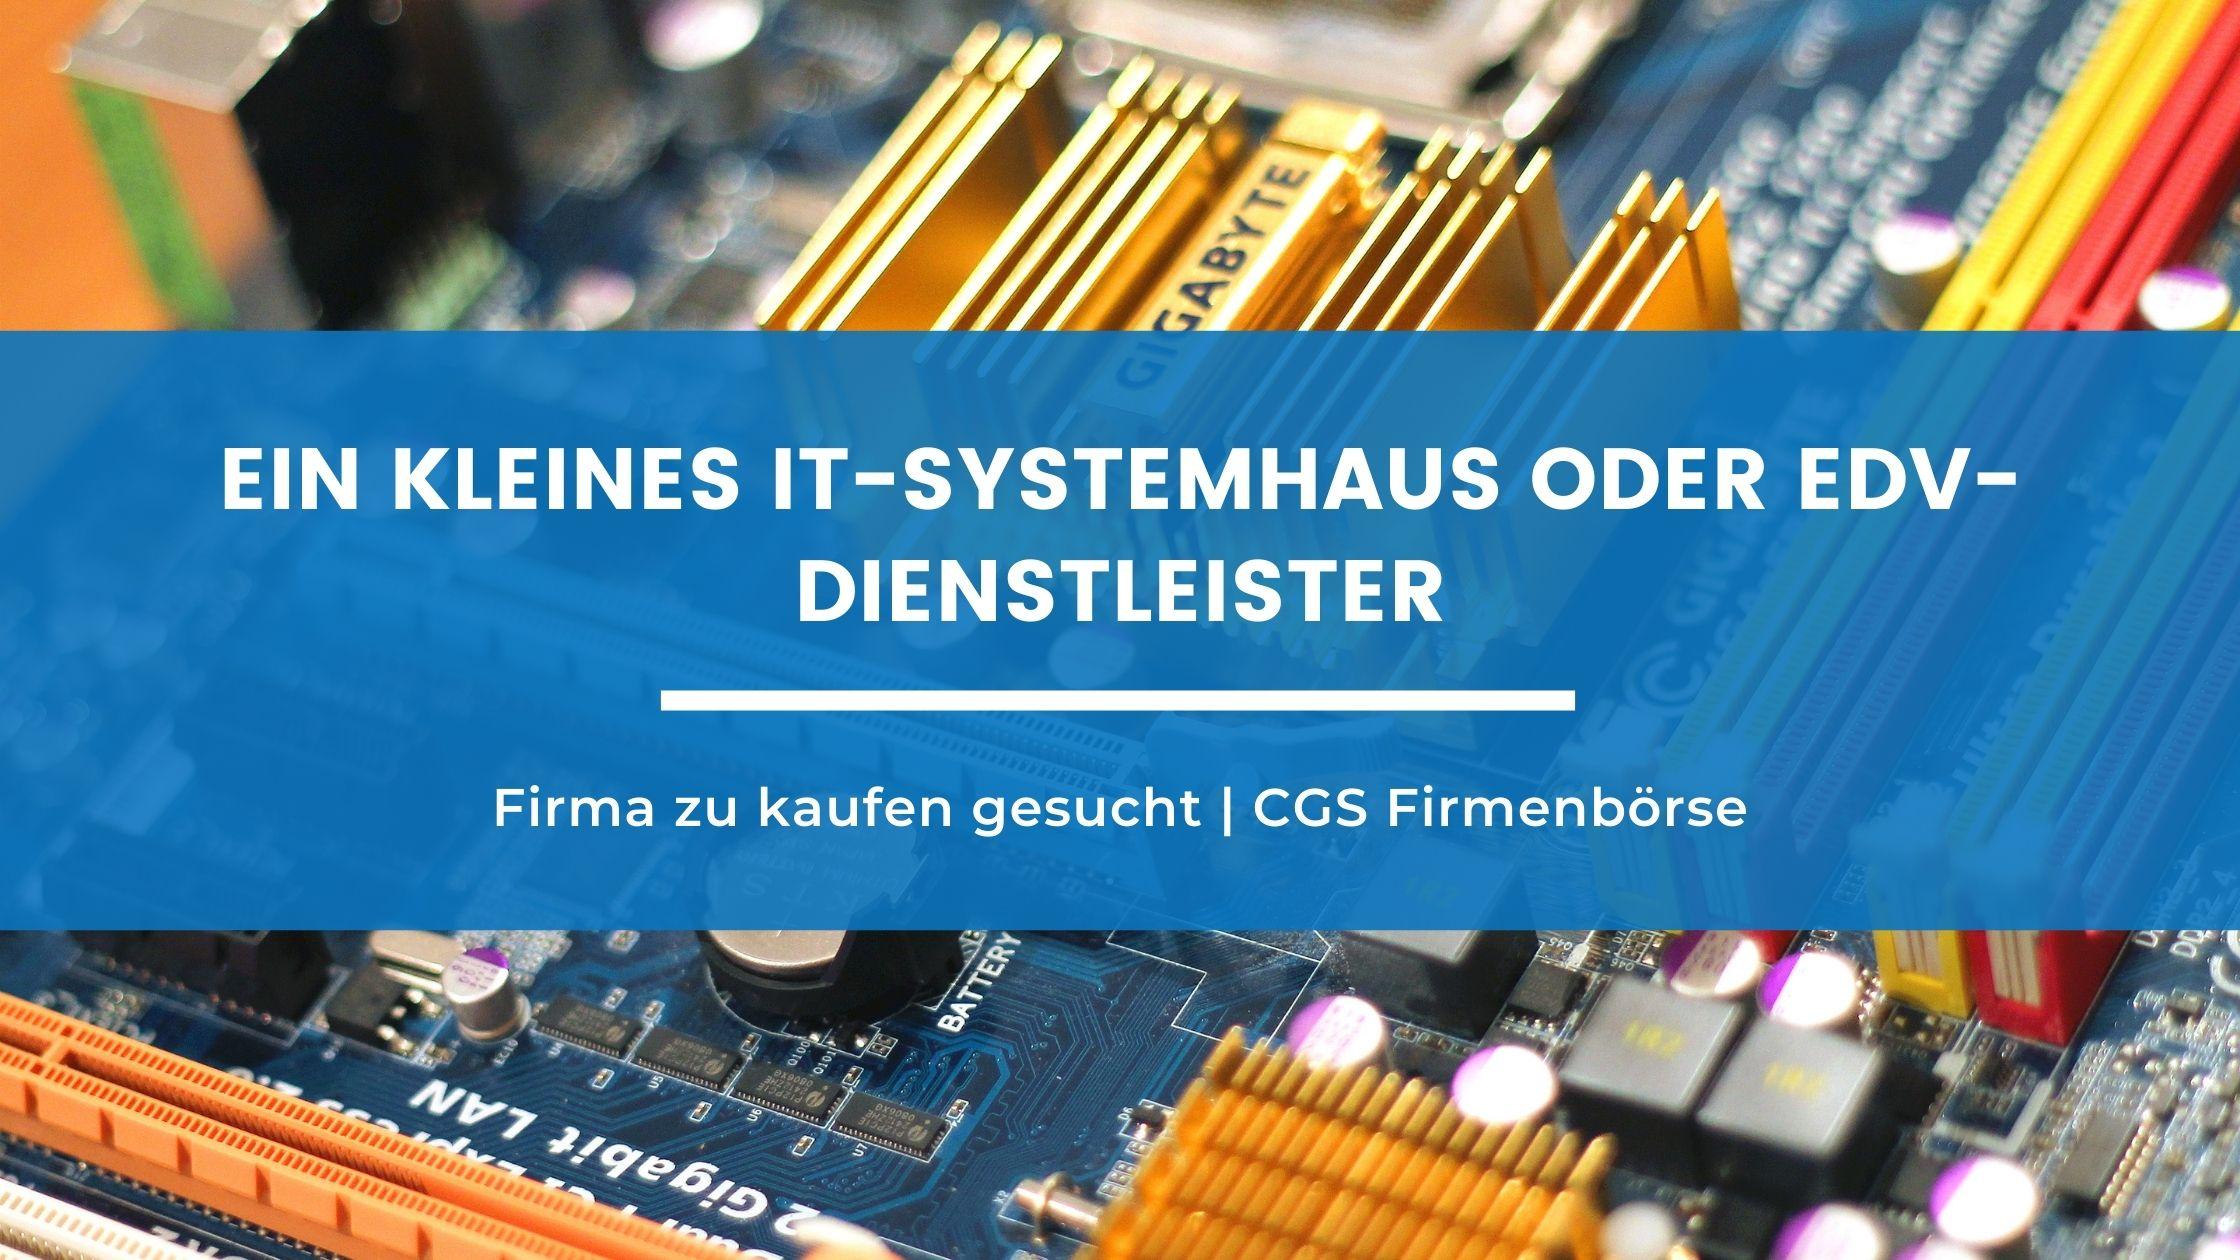 kleines-it-systemhasu-edv-dienstleister-gesucht